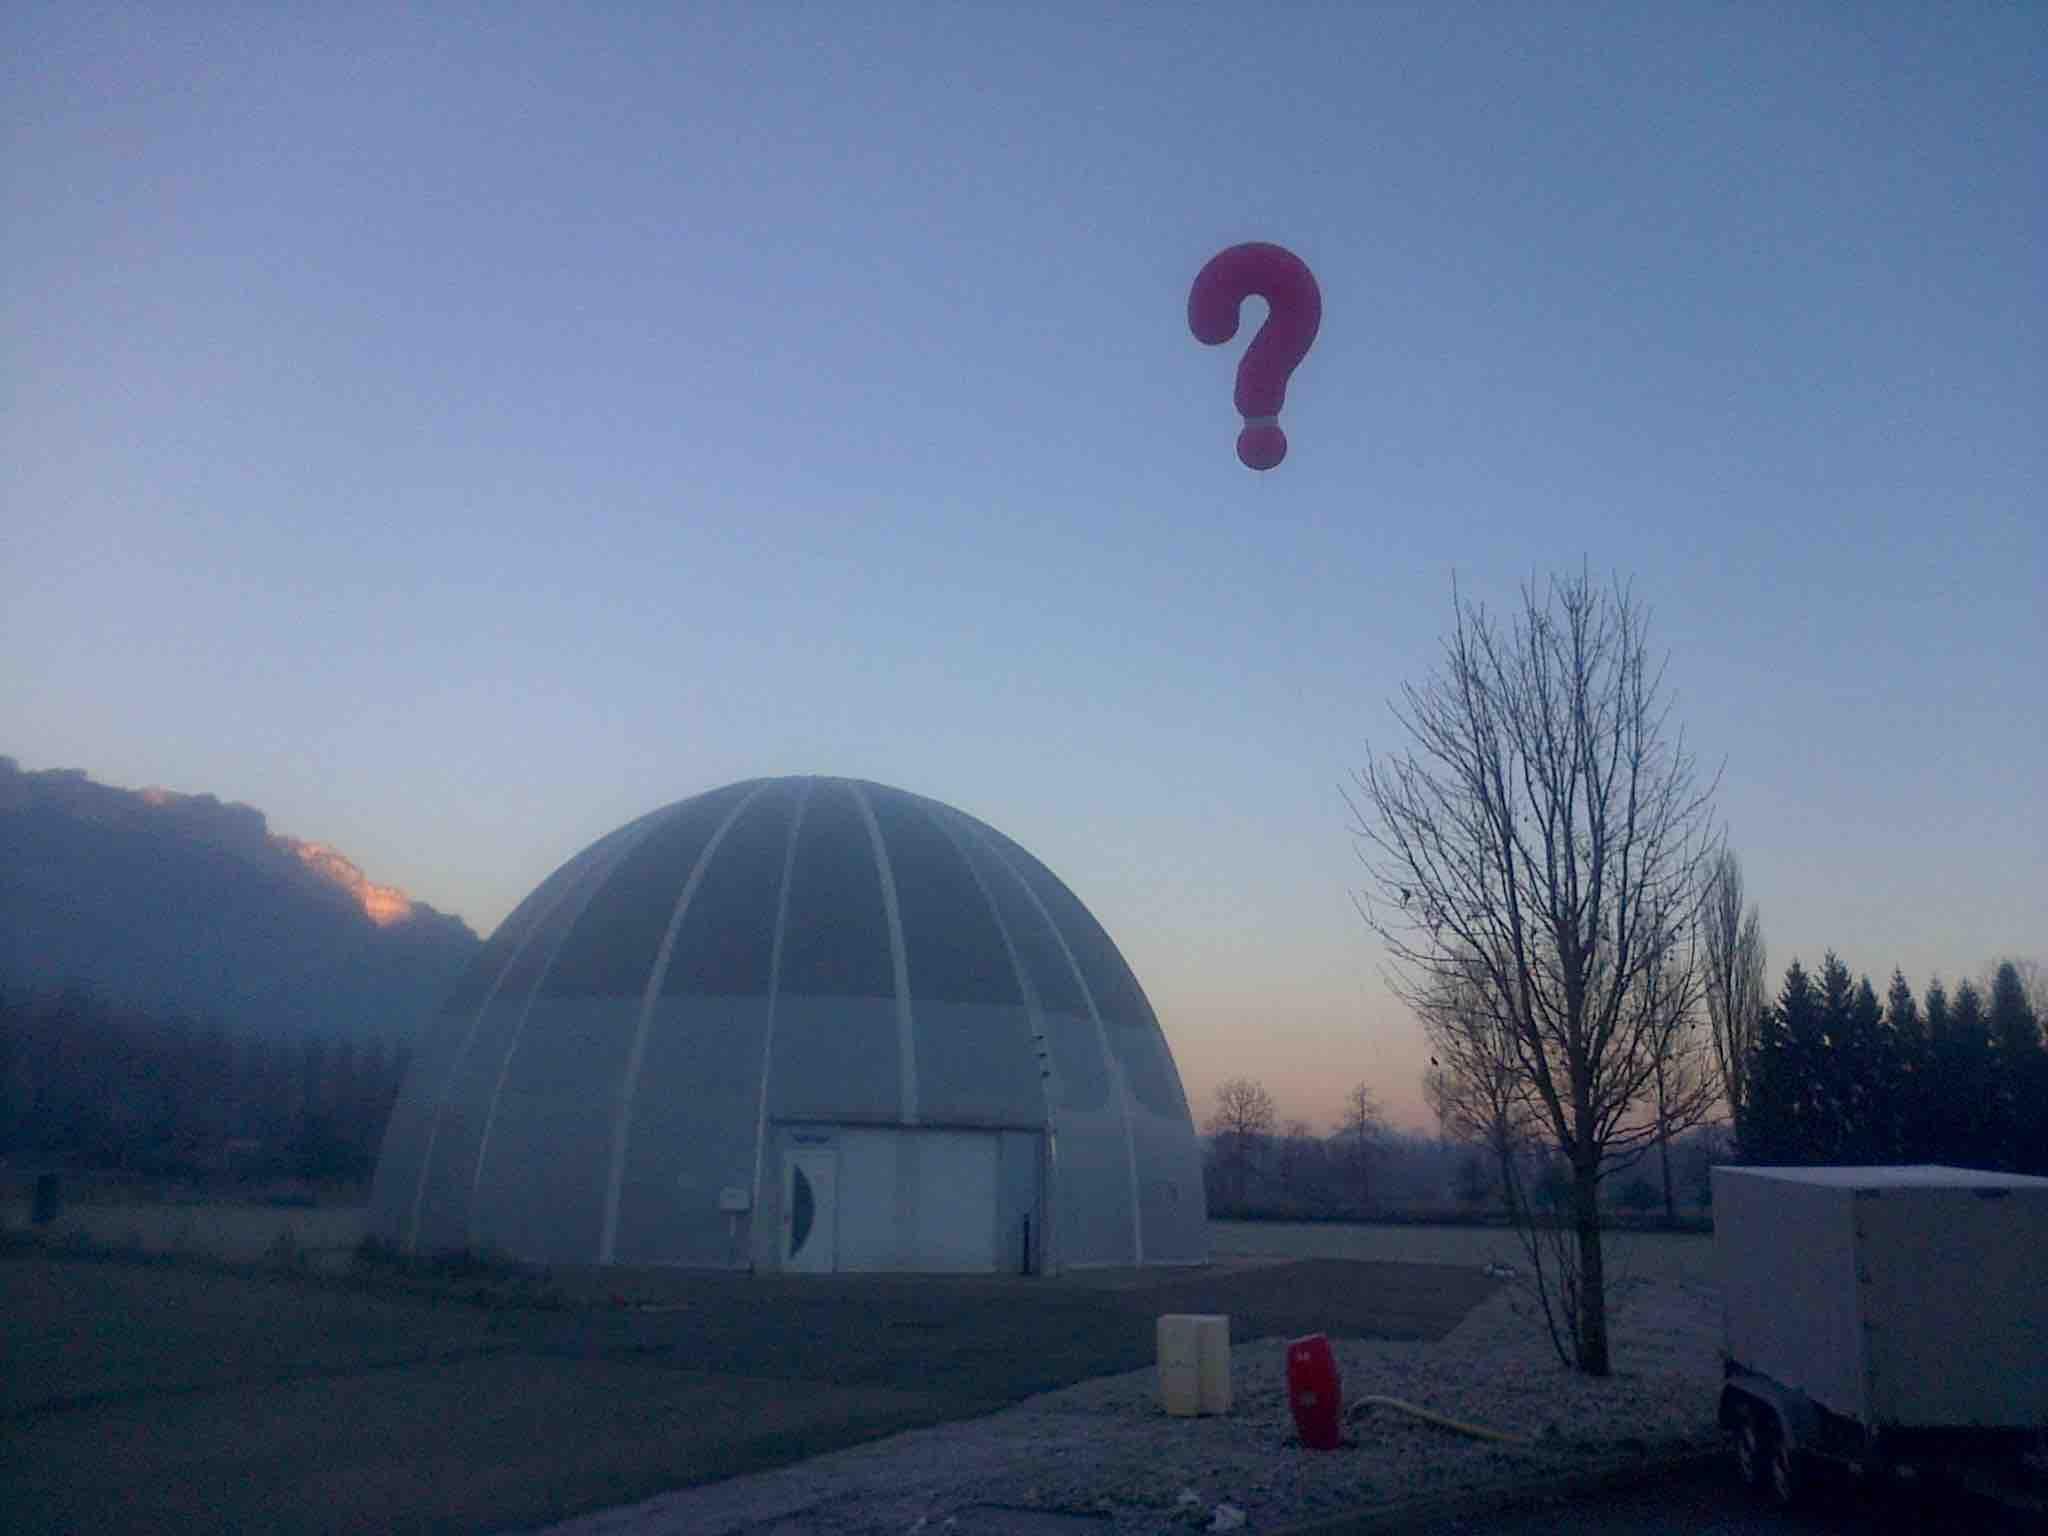 gonflé à l'hélium